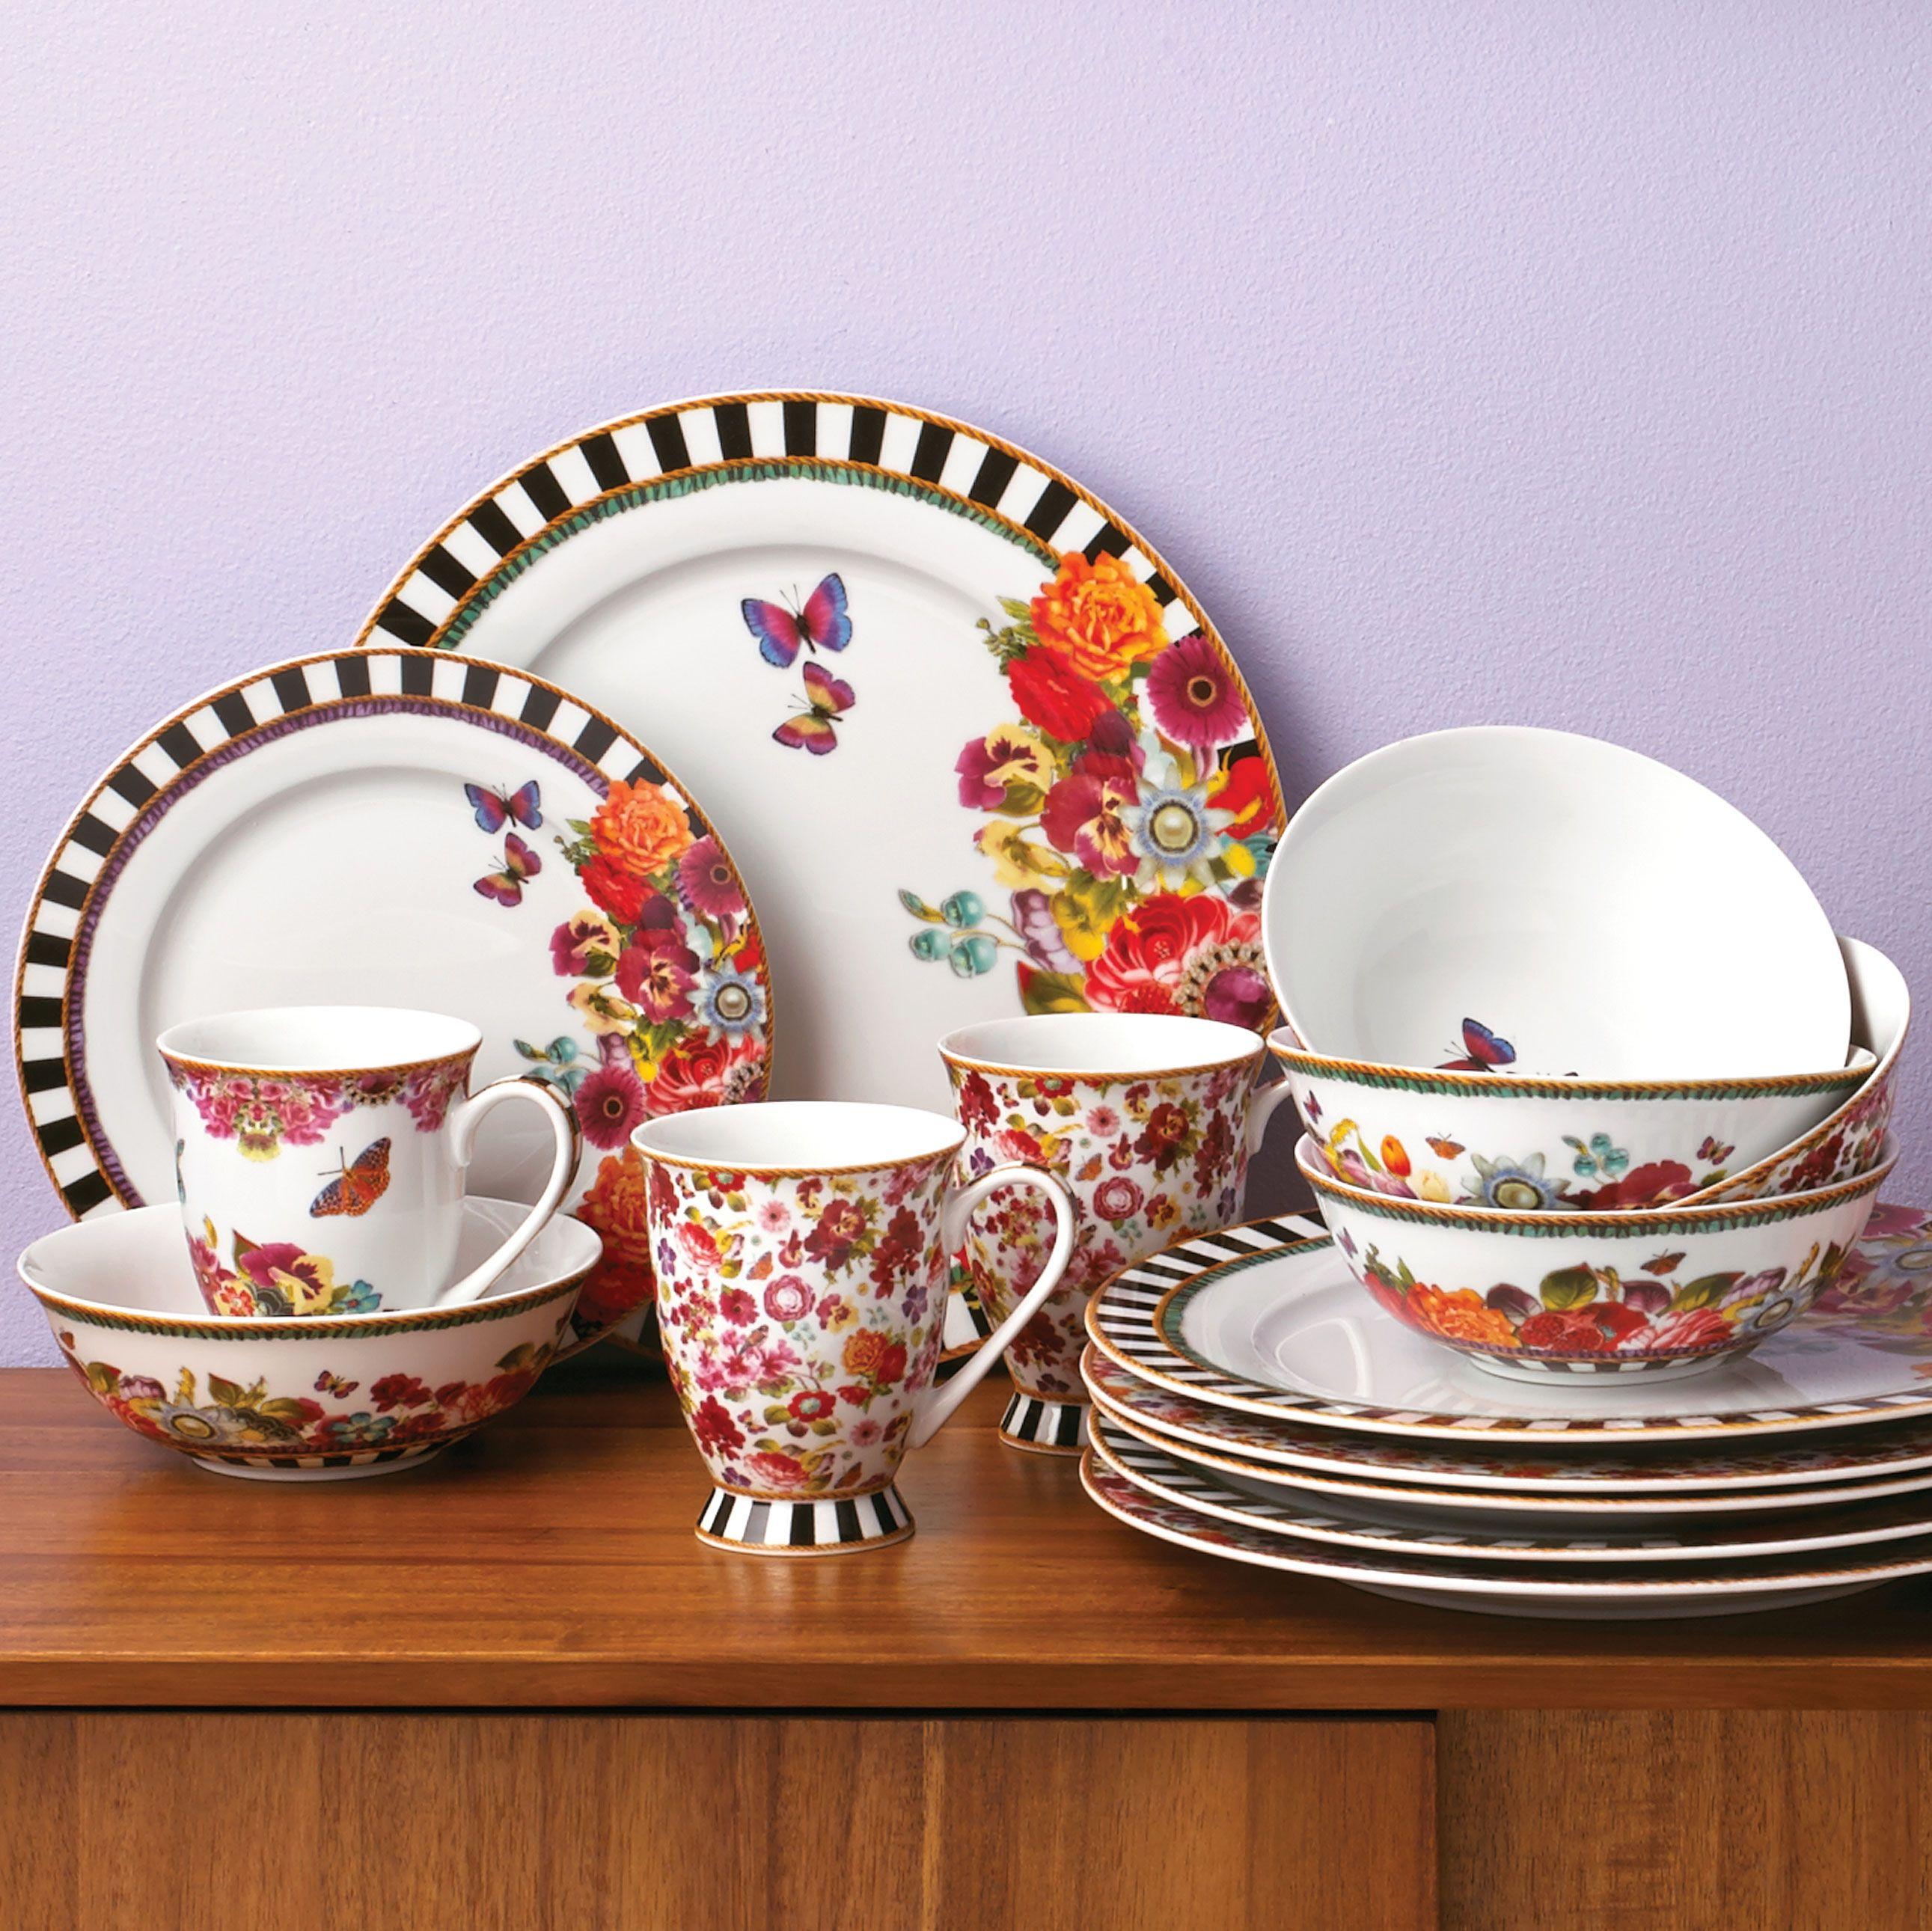 lenox dinnerware melli mello eliza stripe collection created for